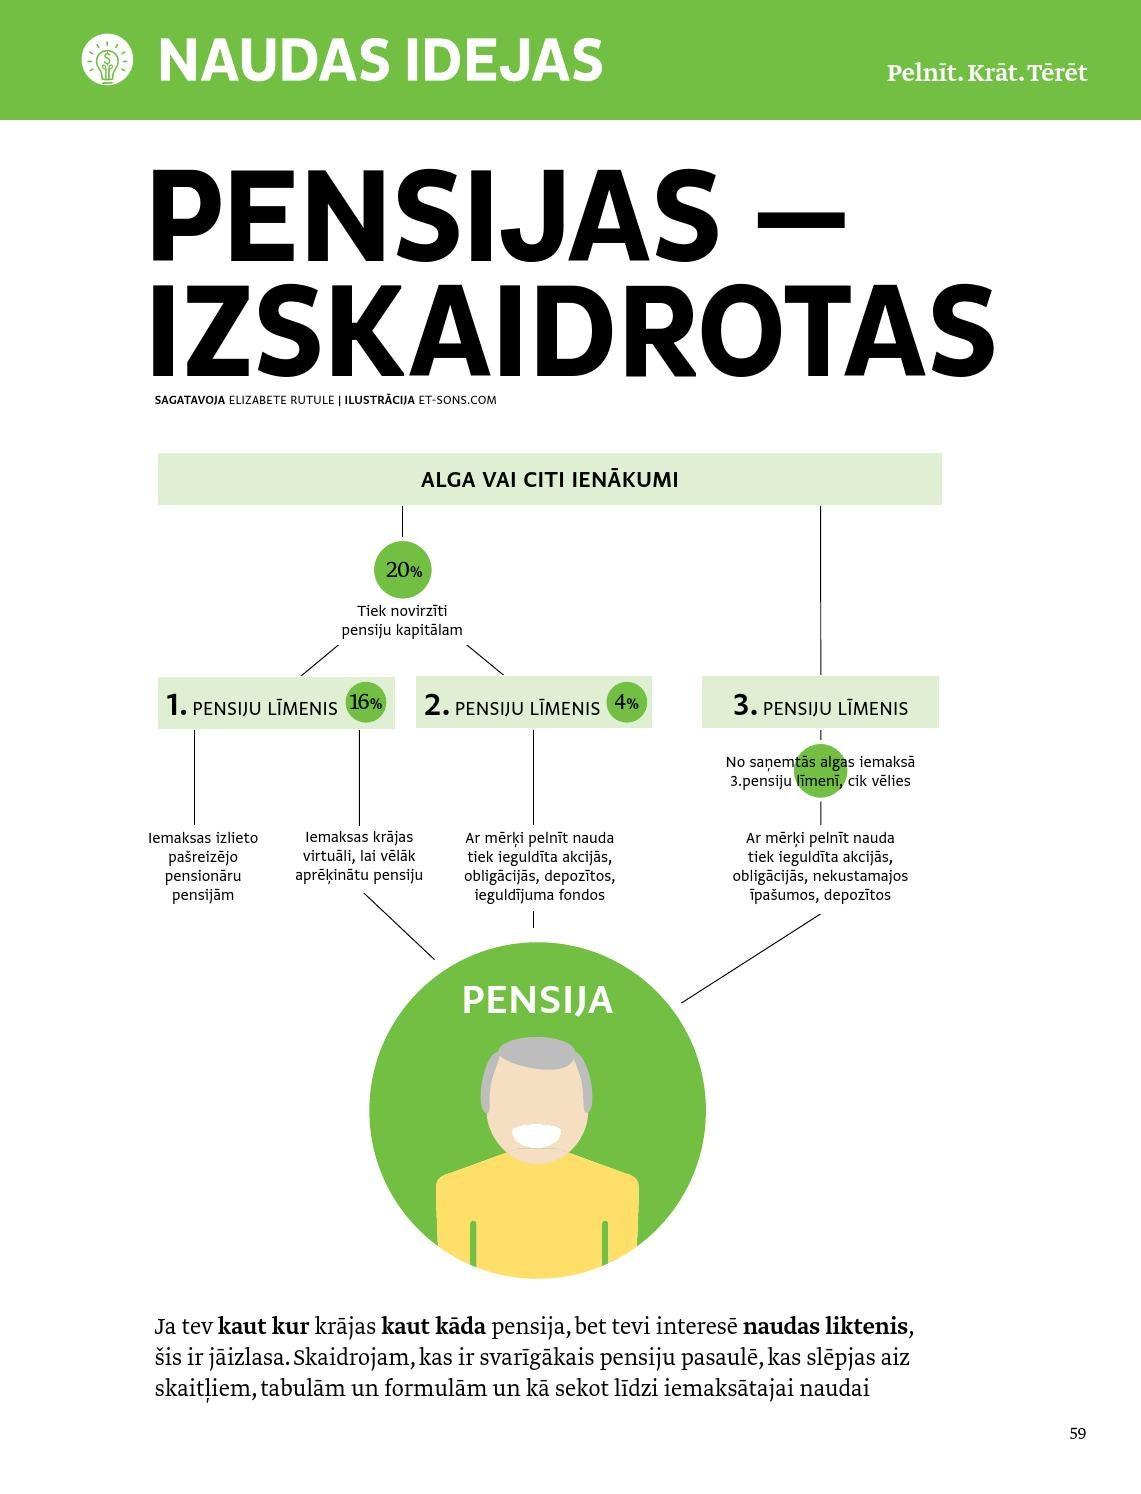 kā nopelnīt naudu pensionāram mājās)